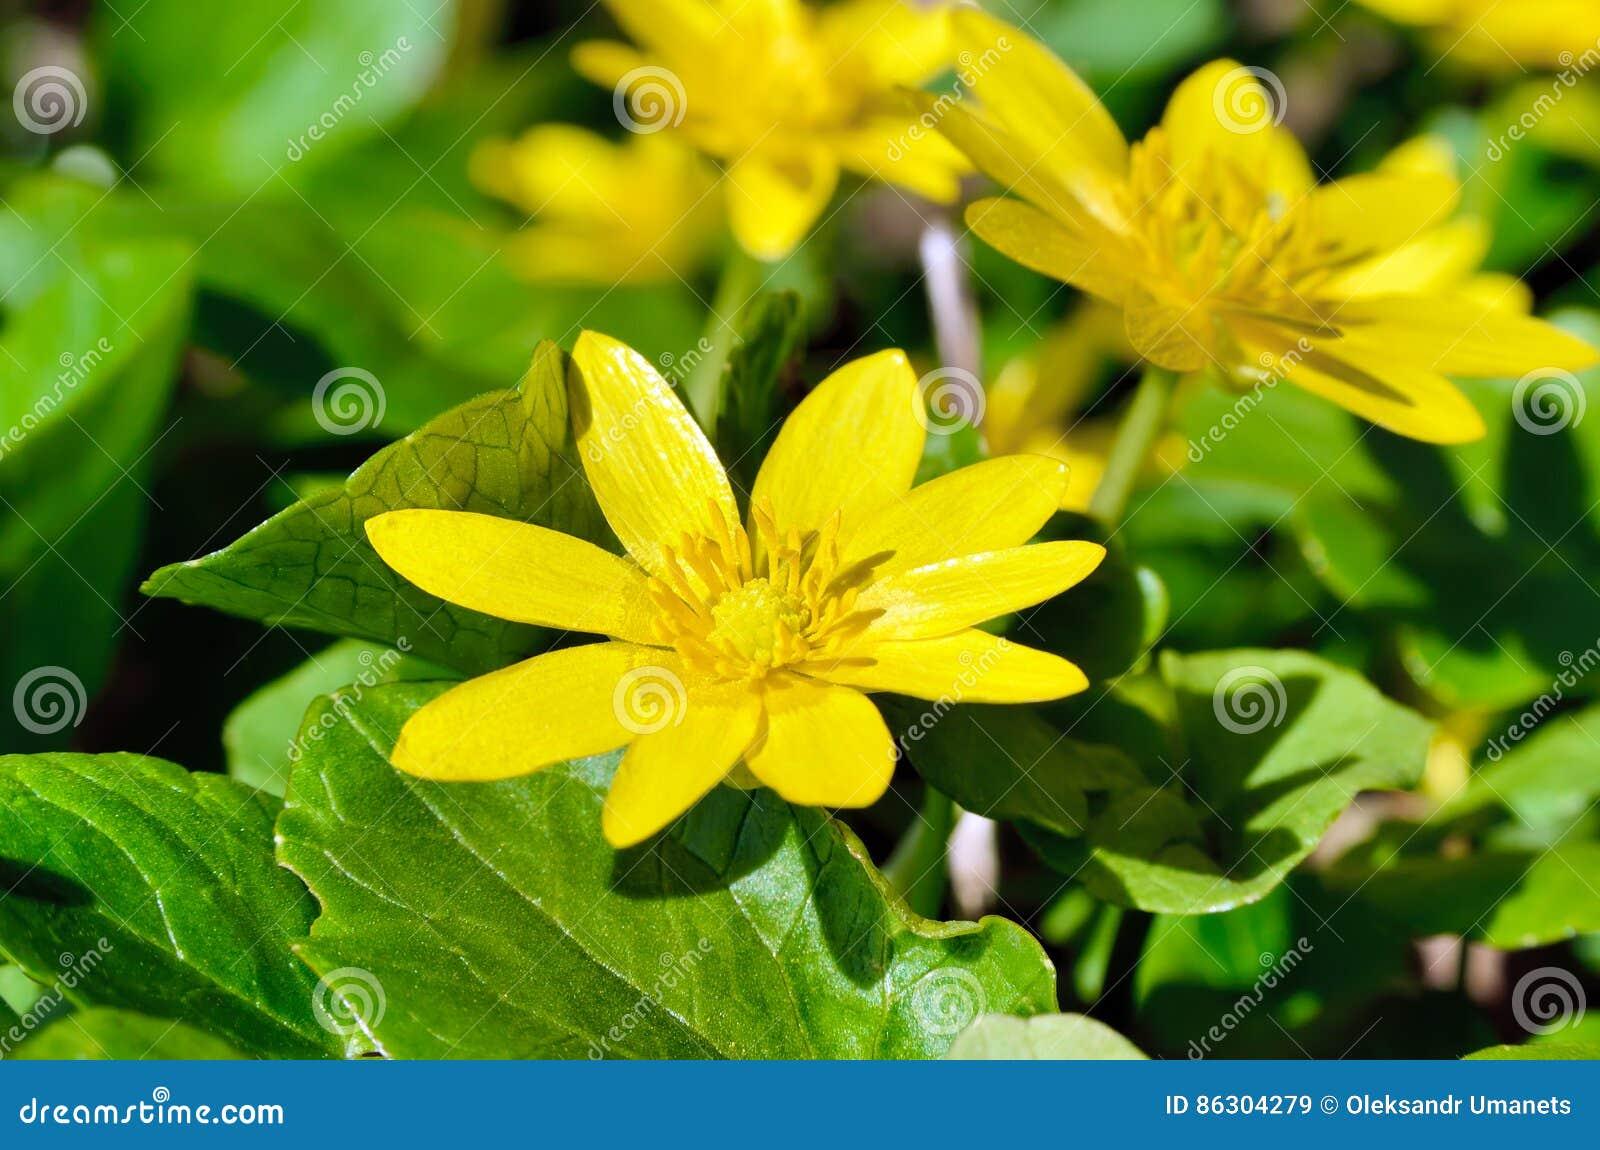 Fleur jaune de renoncule fleurissant au printemps dans les bois photo stock image 86304279 - Arbuste fleurs jaunes printemps ...